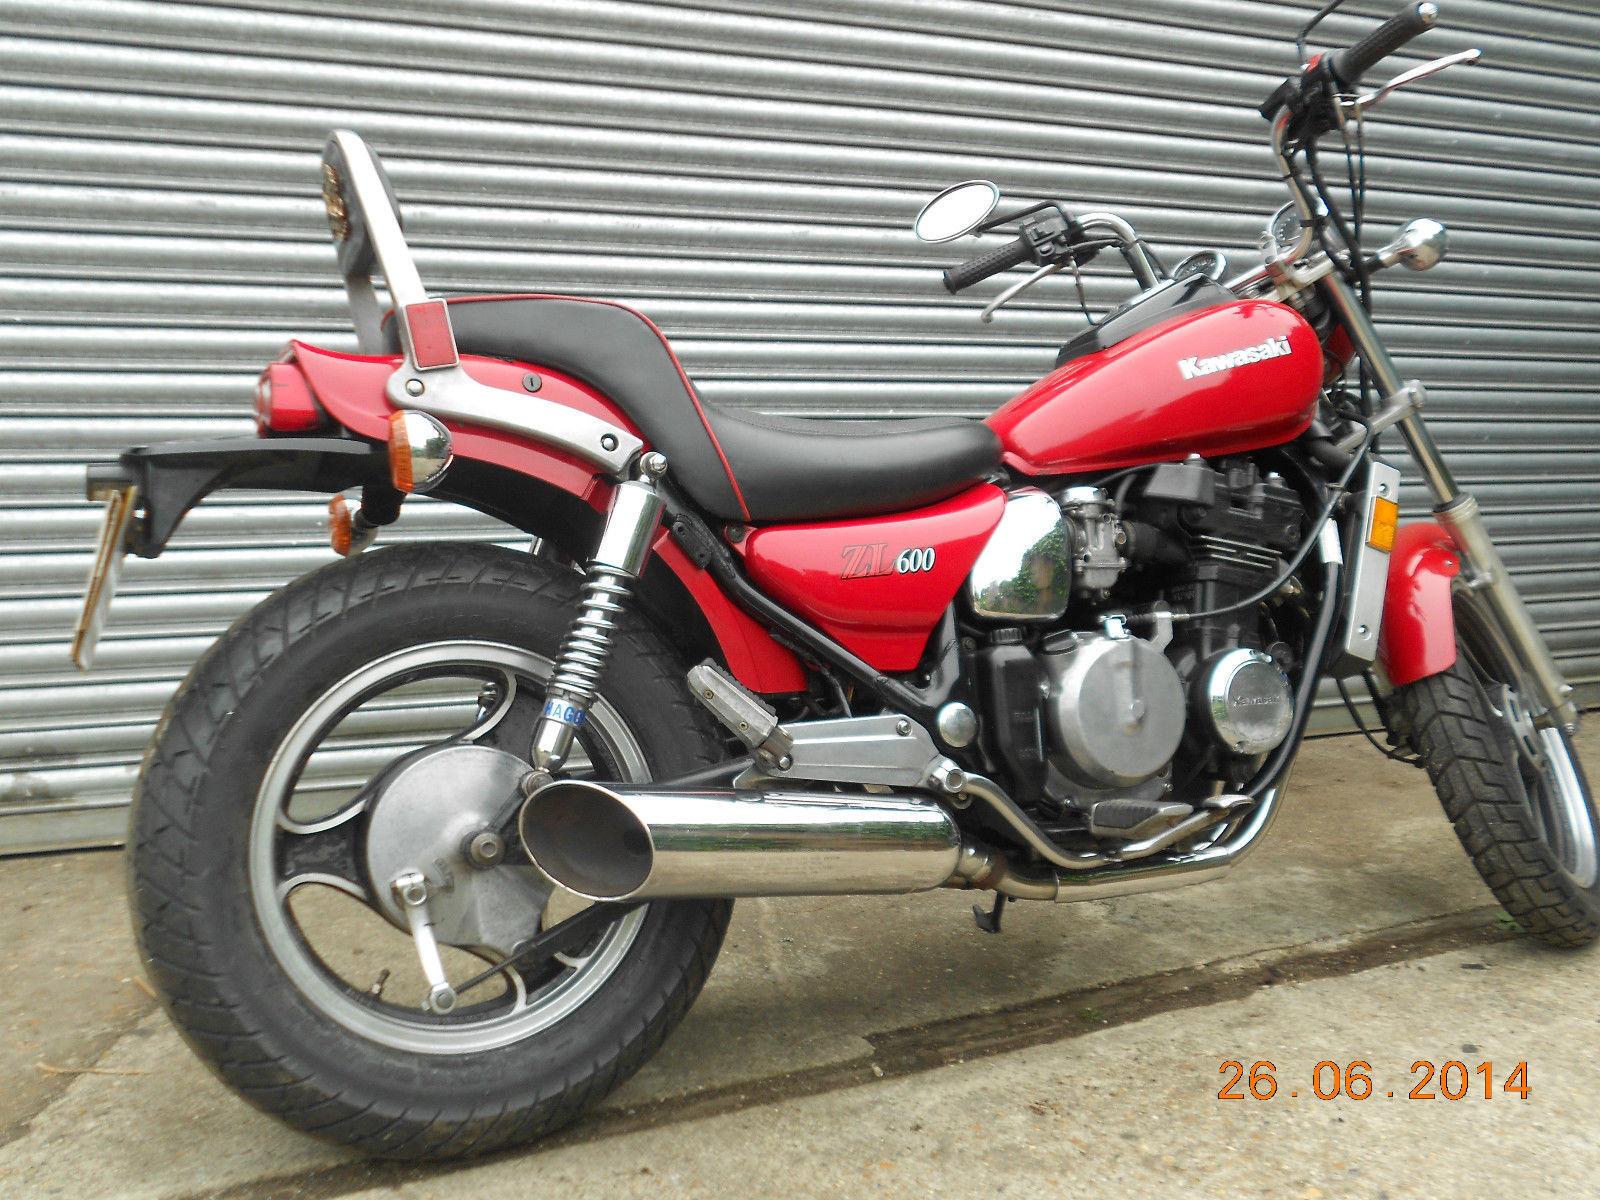 Kawasaki zl-900 1986 - from Pascal Jemin